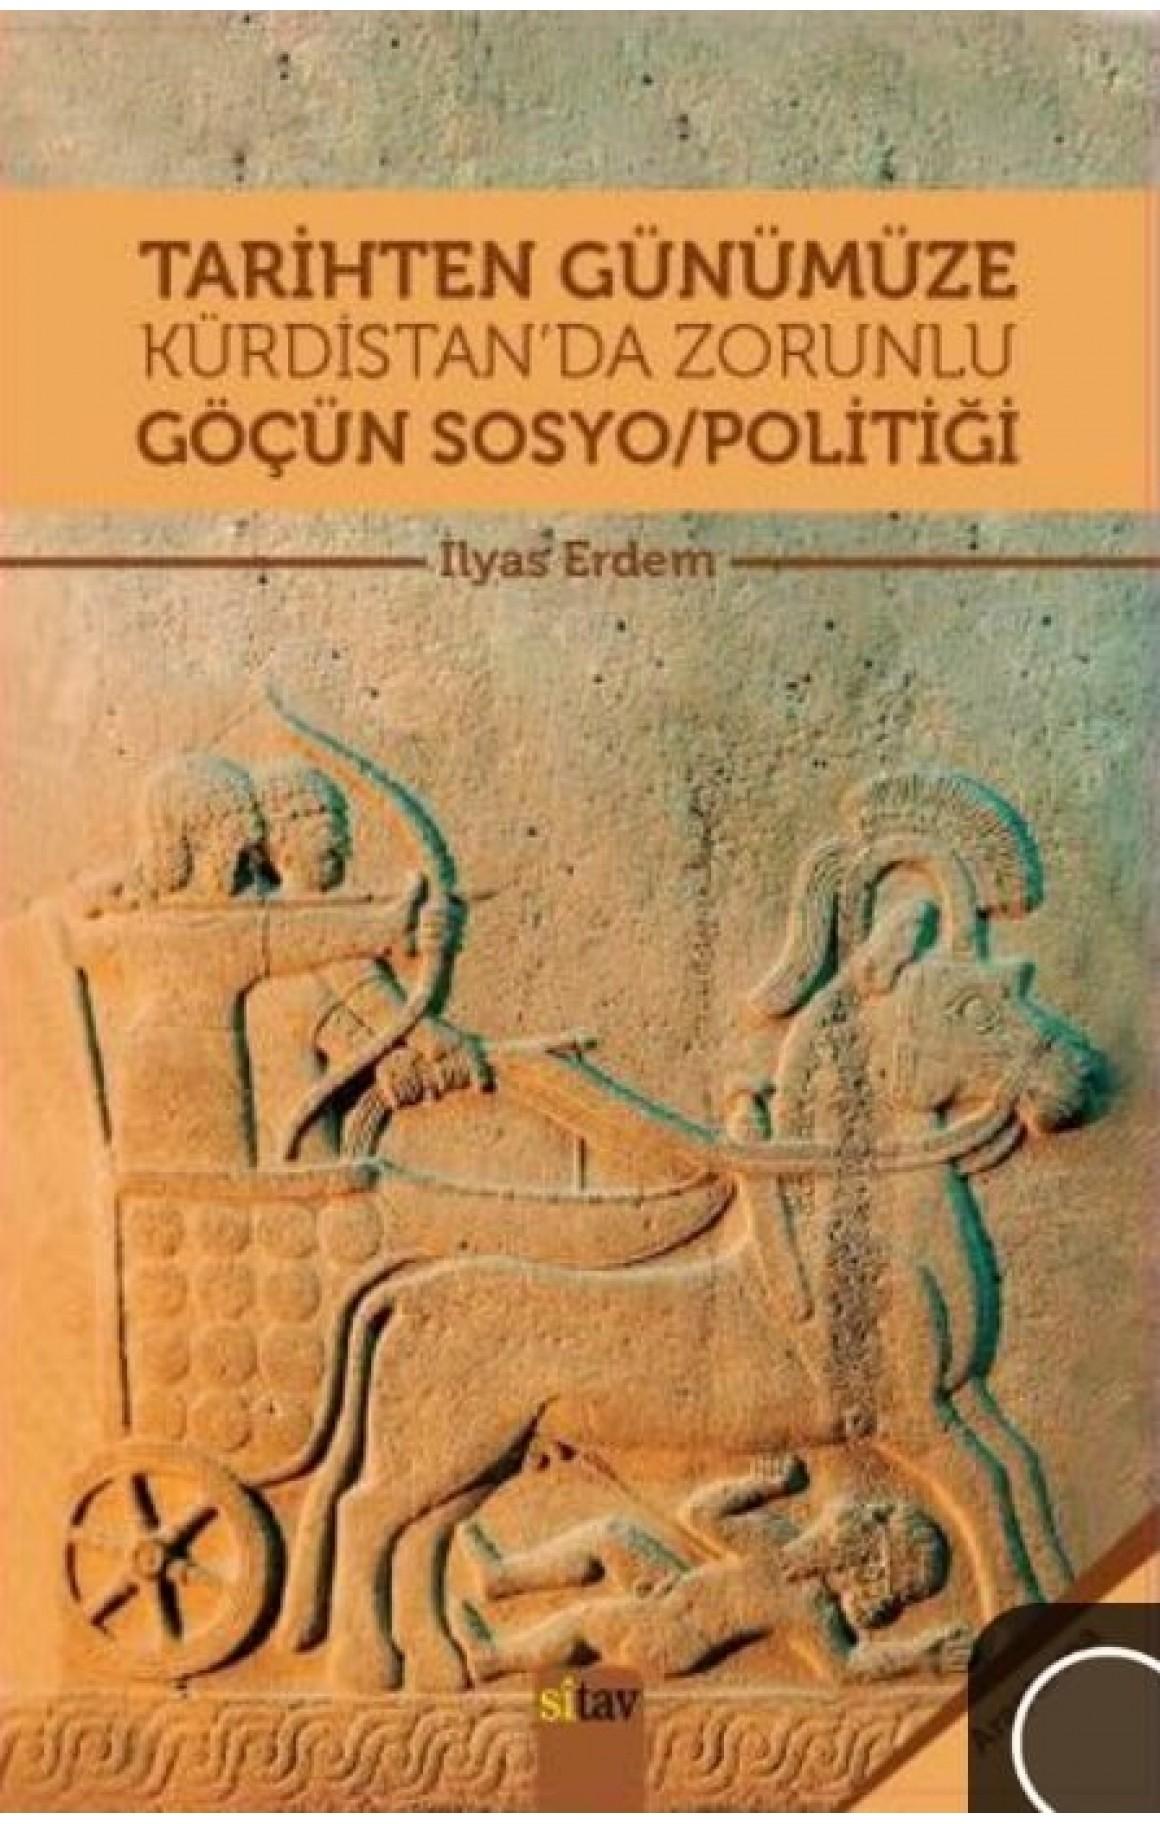 Tarihten Günümüze Kürdistan'da Zorunlu Göçün Sosyo/Politiği